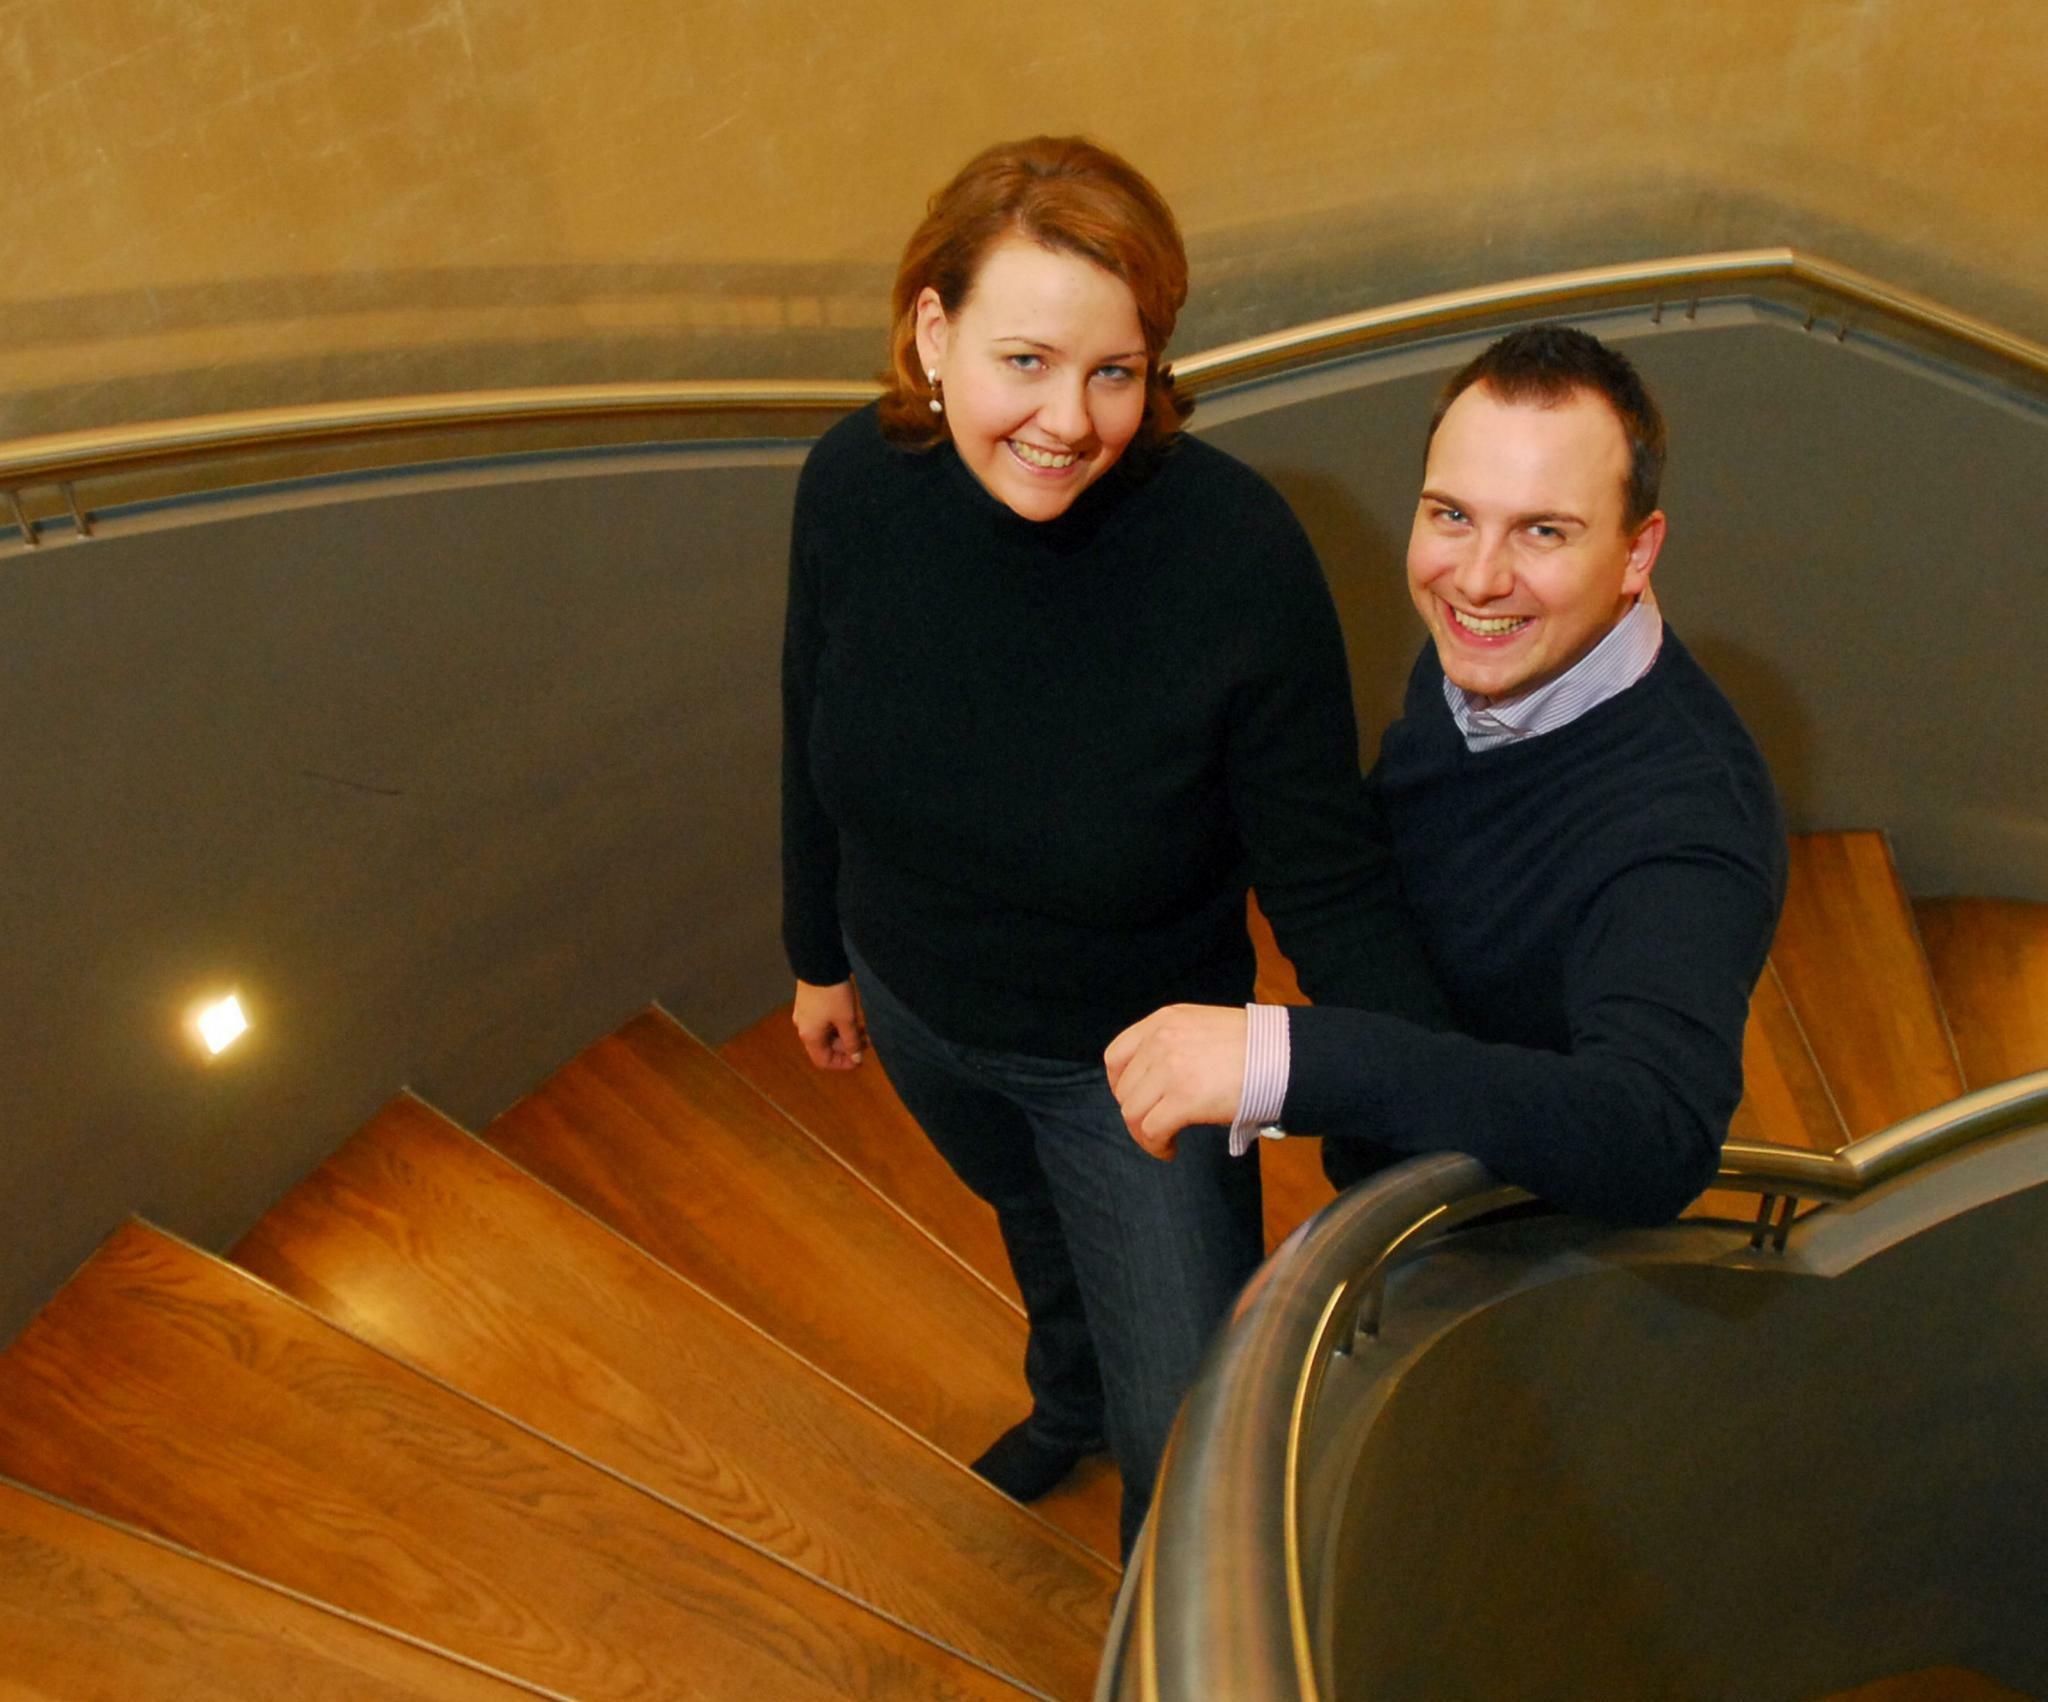 Tim Raue Hochzeit  Sternekoch aus Berlin Tim Raue und seine Frau trennen